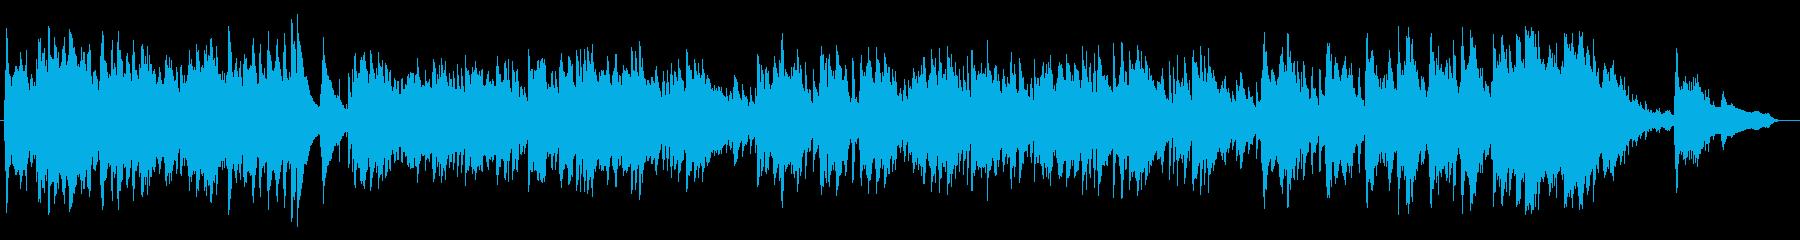 綺麗で感動的なピアノによるバラードの再生済みの波形